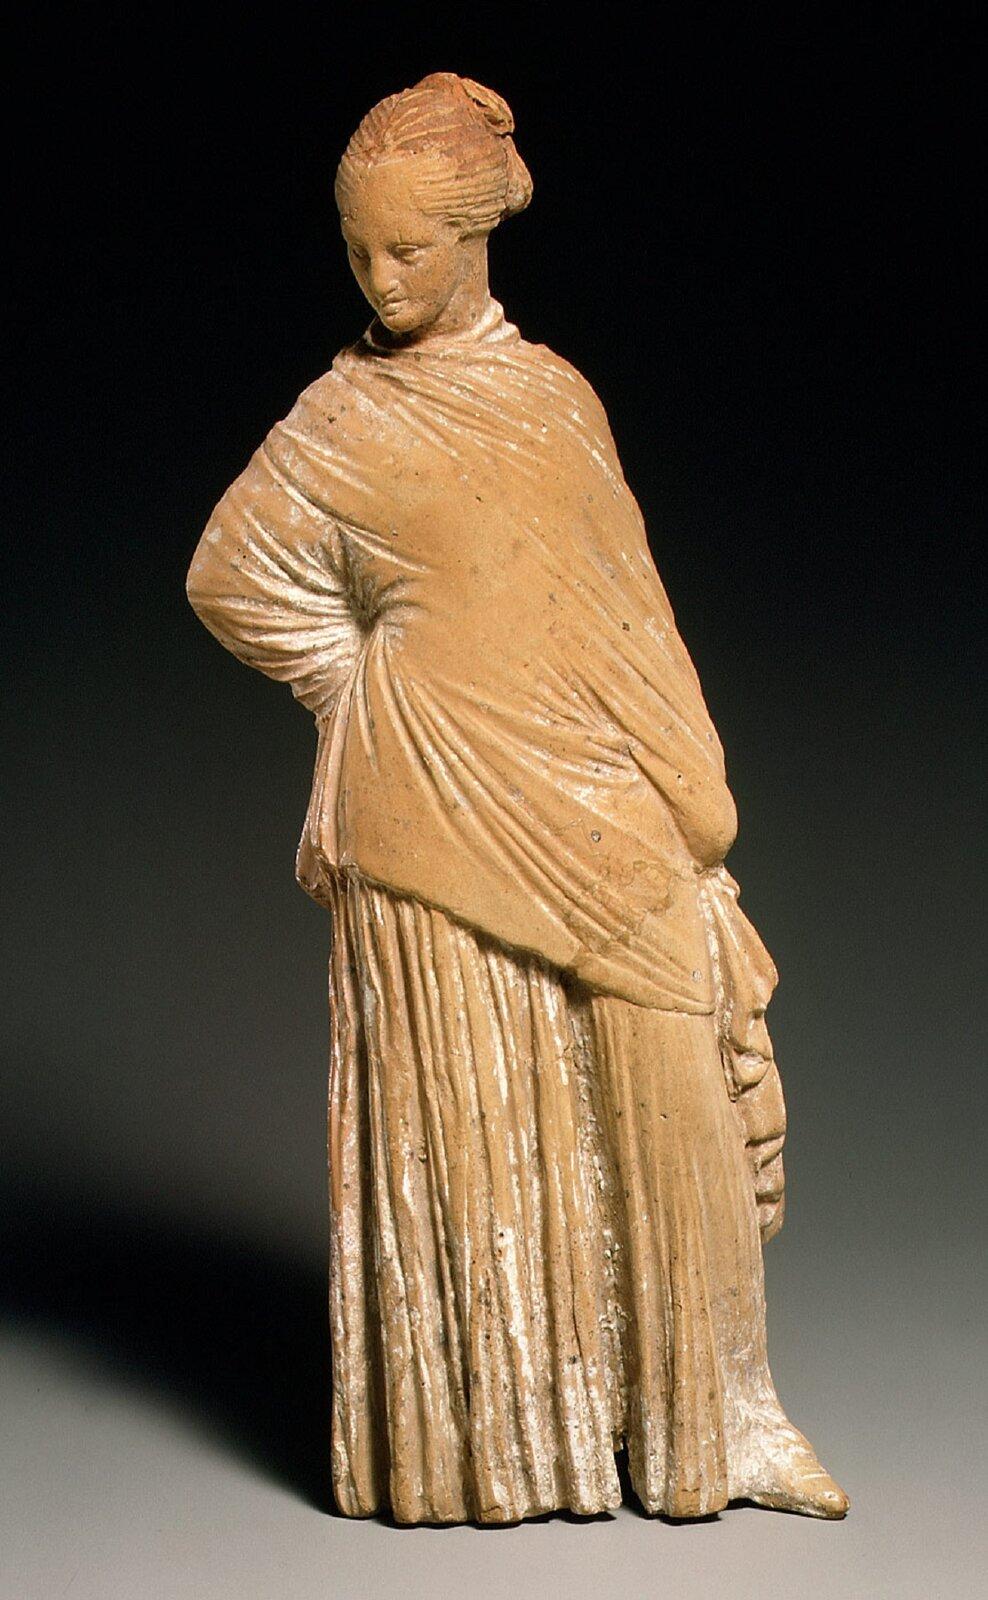 Fotografia nieznanego autora przedstawia rzeźbę stojącej kobiety. Włosy ma upięte wkok. Postać zgrymasem niezadowolenia spogląda wwprawo. Ubrana jest wdługą zakrywającą całe ciało szatę.